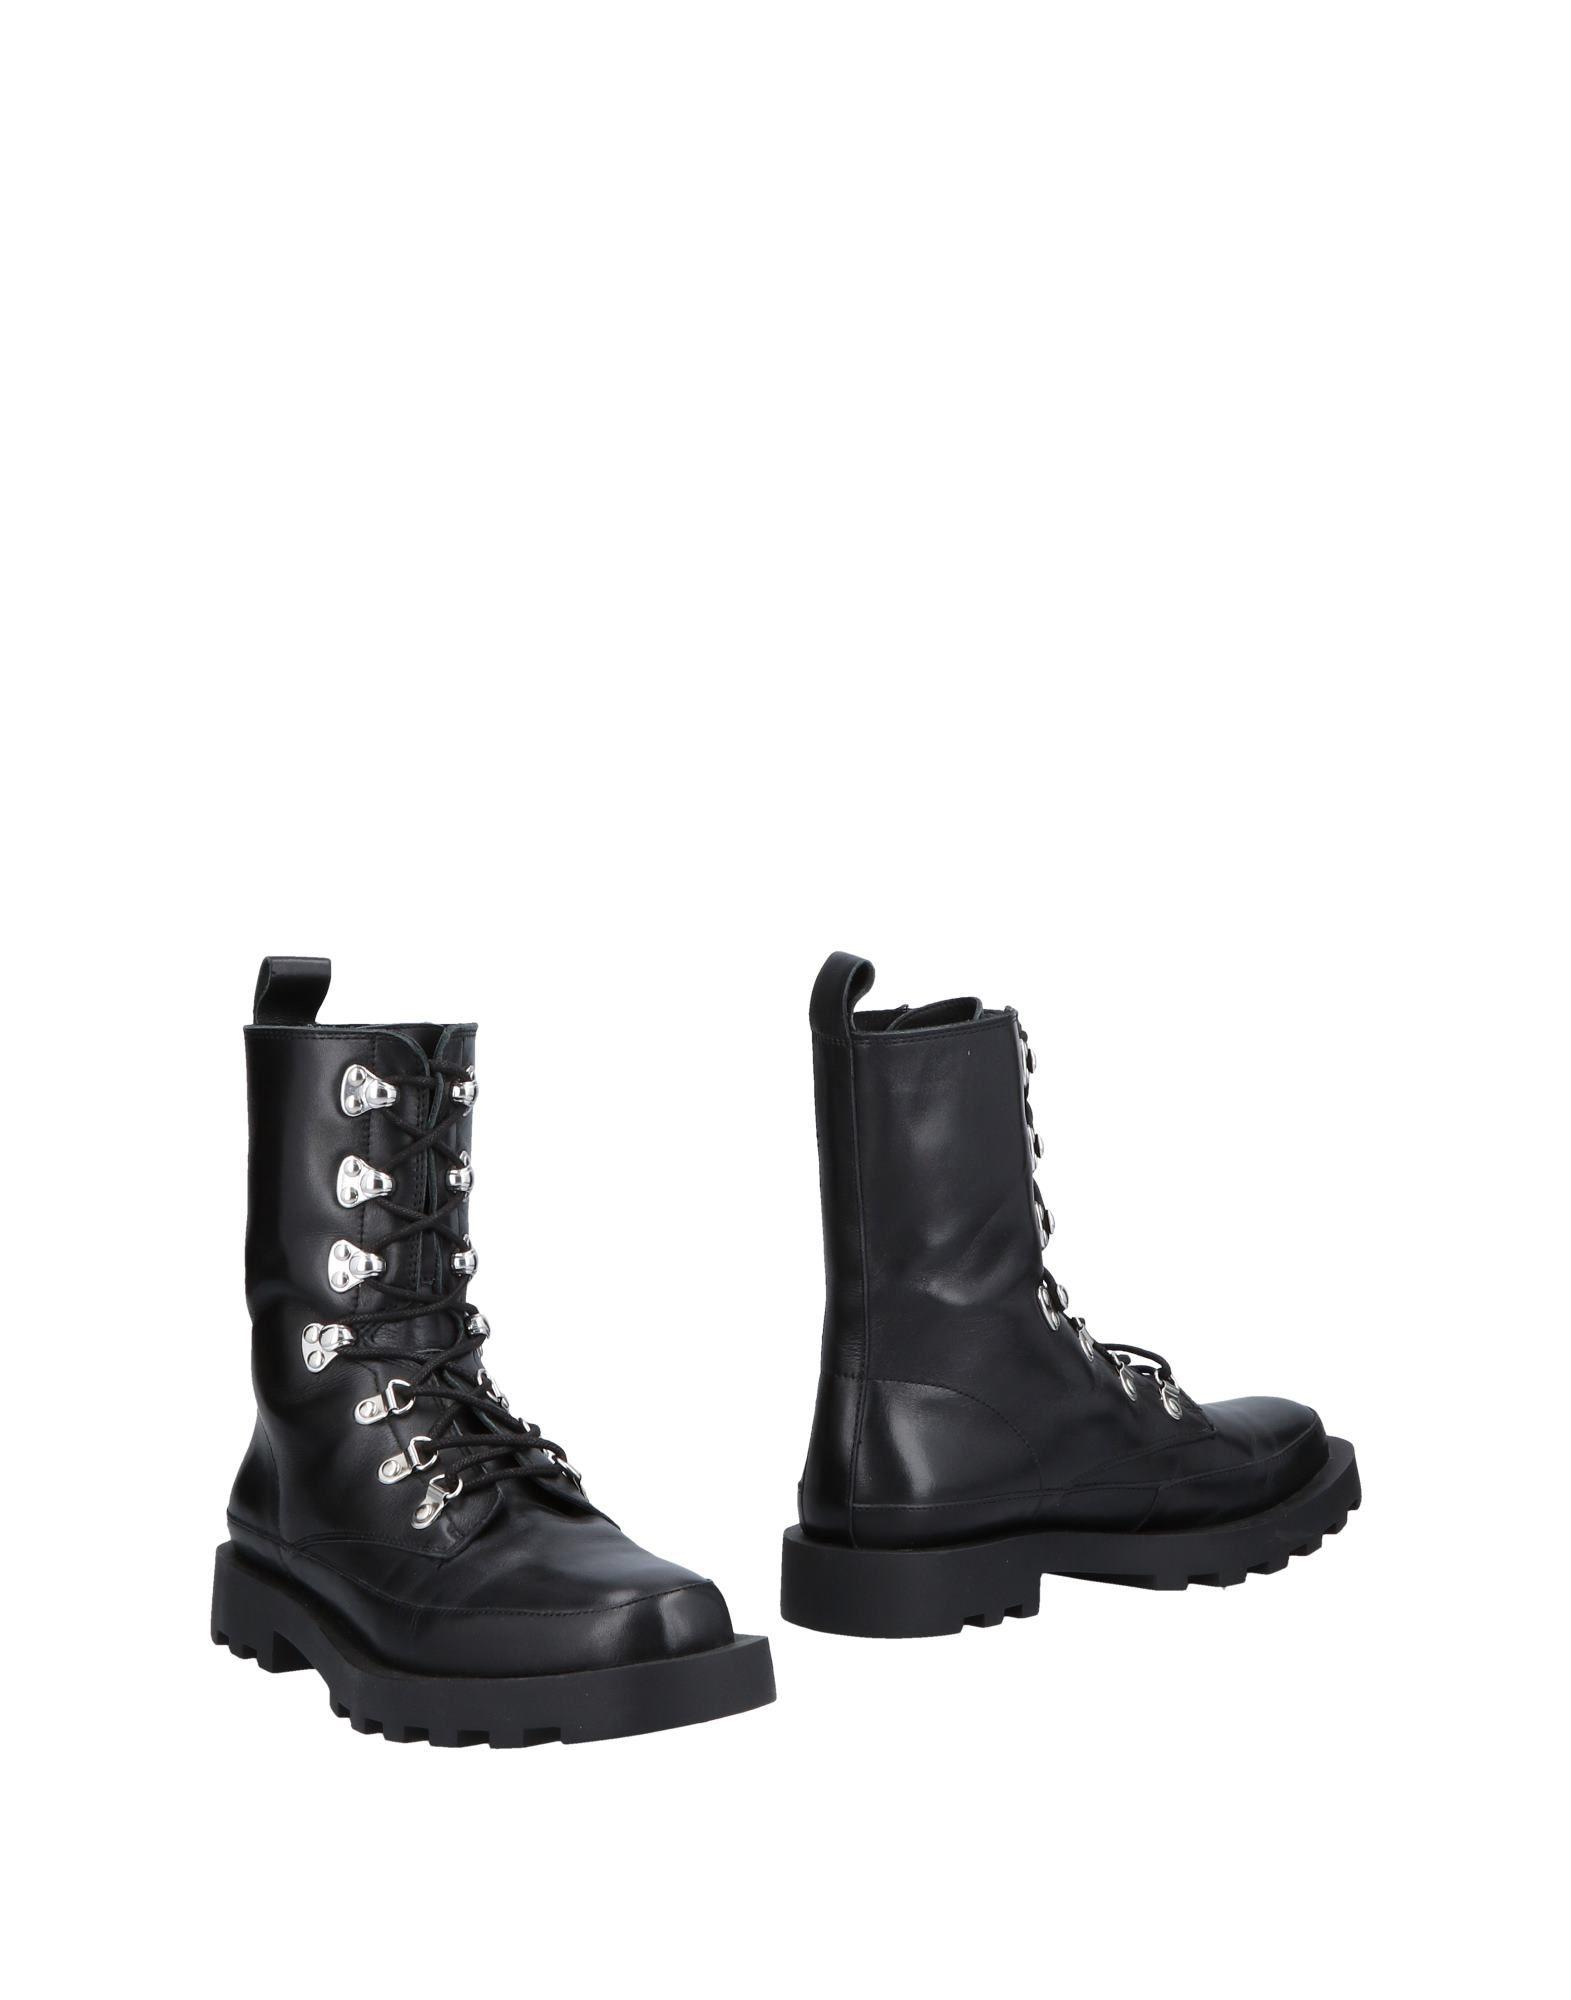 Gut um Stiefelette billige Schuhe zu tragenCheap Monday Stiefelette um Damen  11503417BI 7c7e46